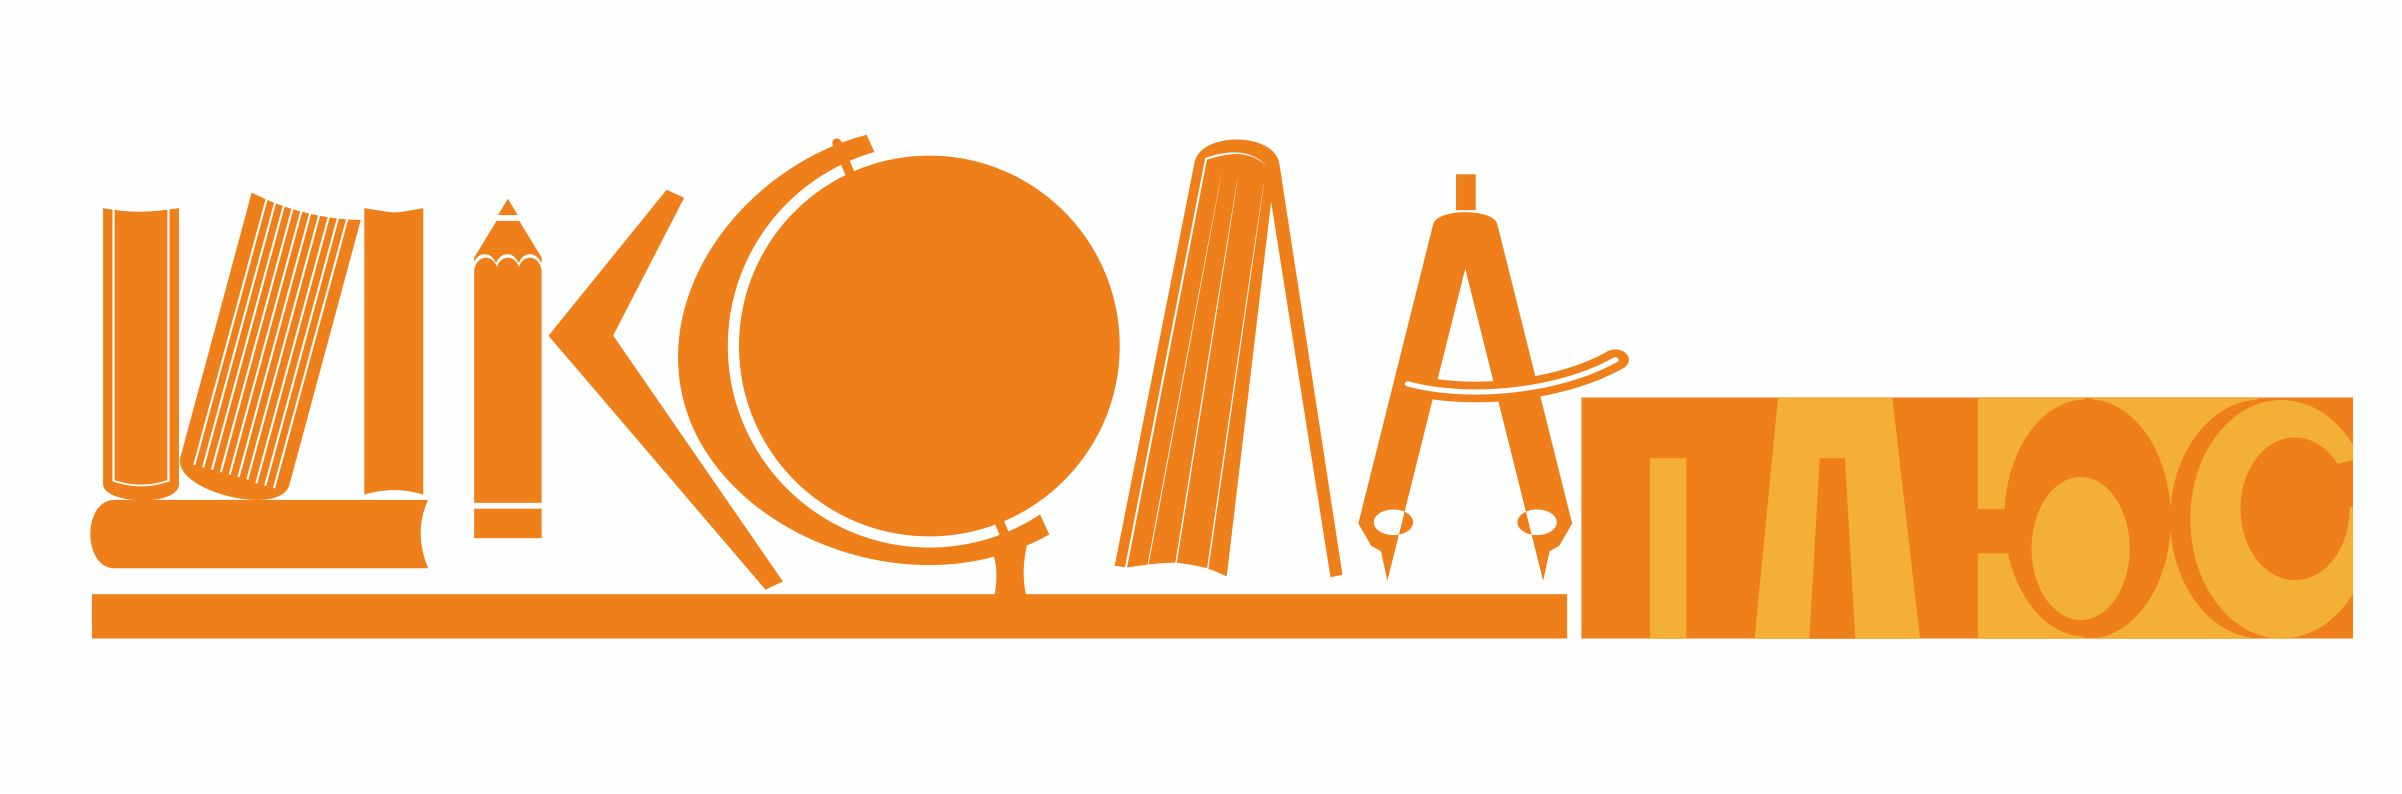 Разработка логотипа и пары элементов фирменного стиля фото f_4dadc4d487d20.jpg